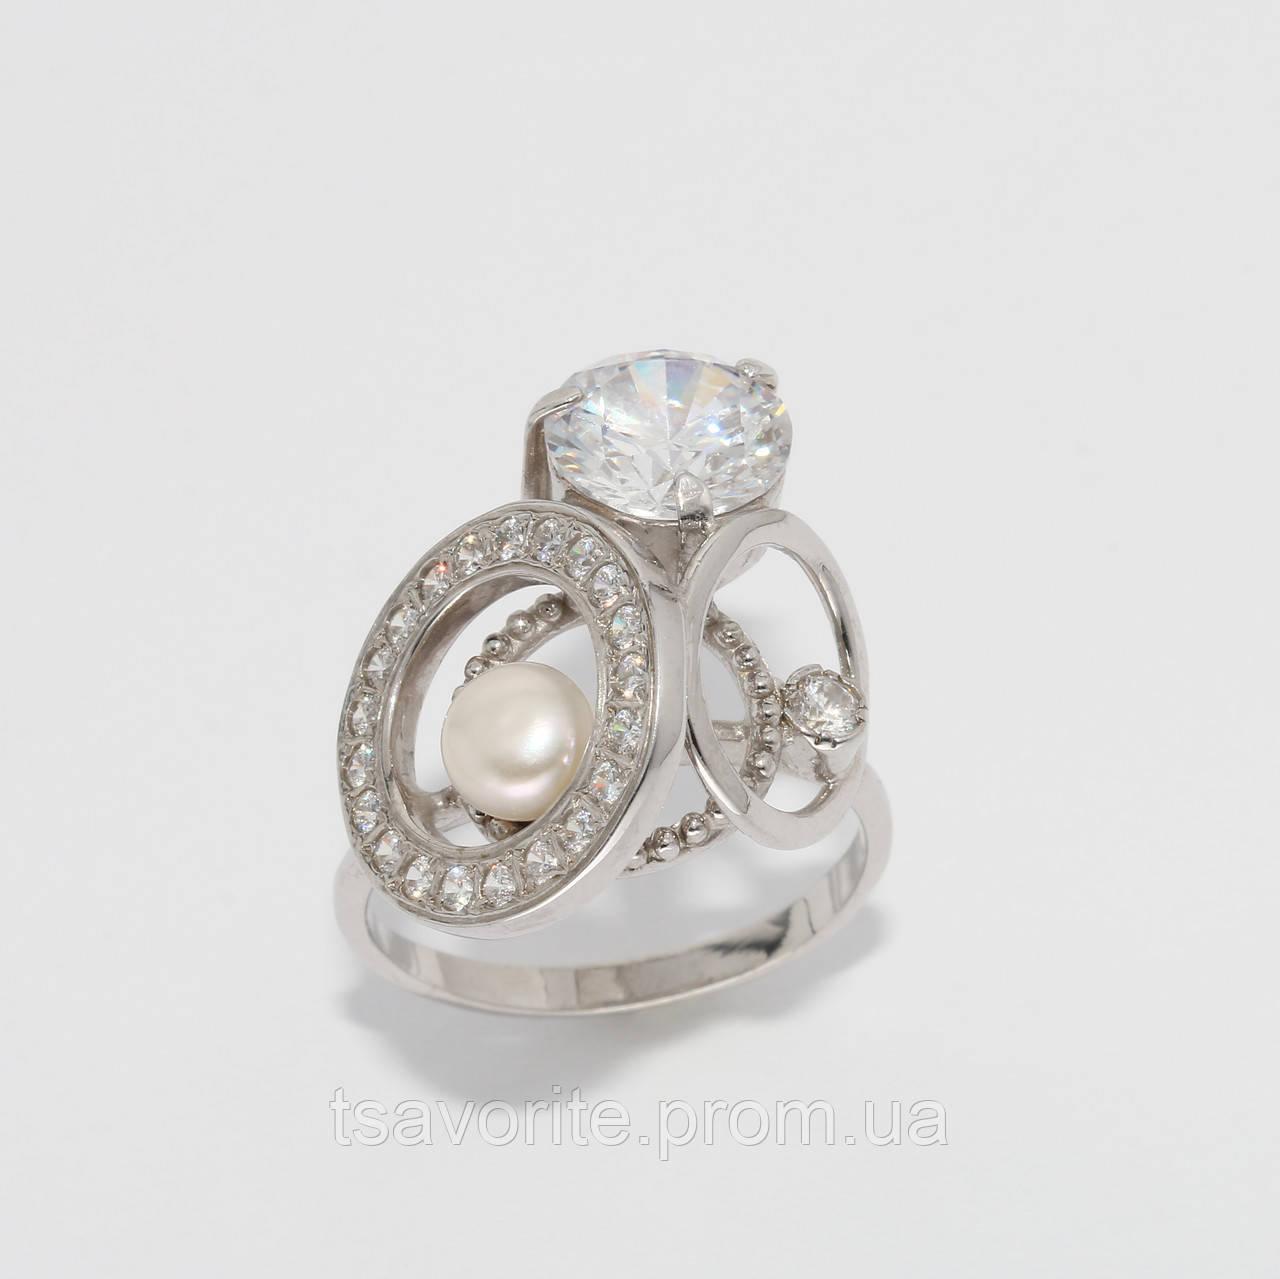 Серебряное кольцо 179КЮ